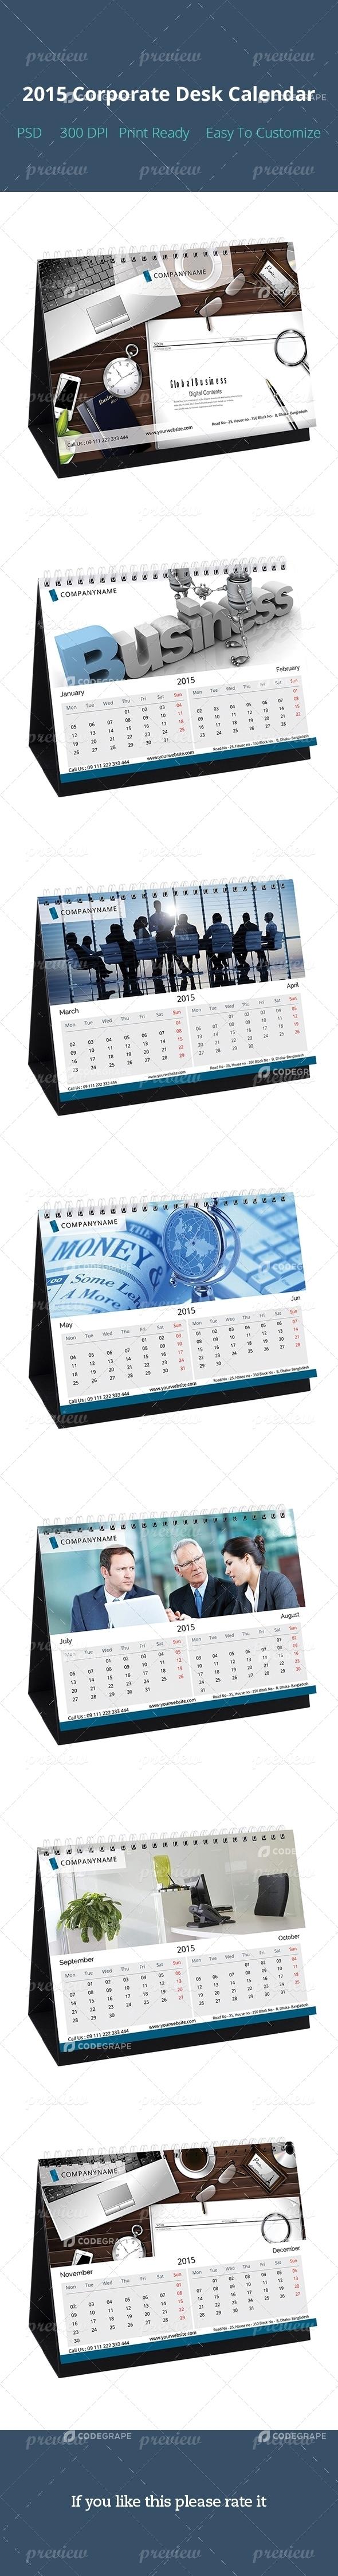 2015 Corporate Desk Calendar Design